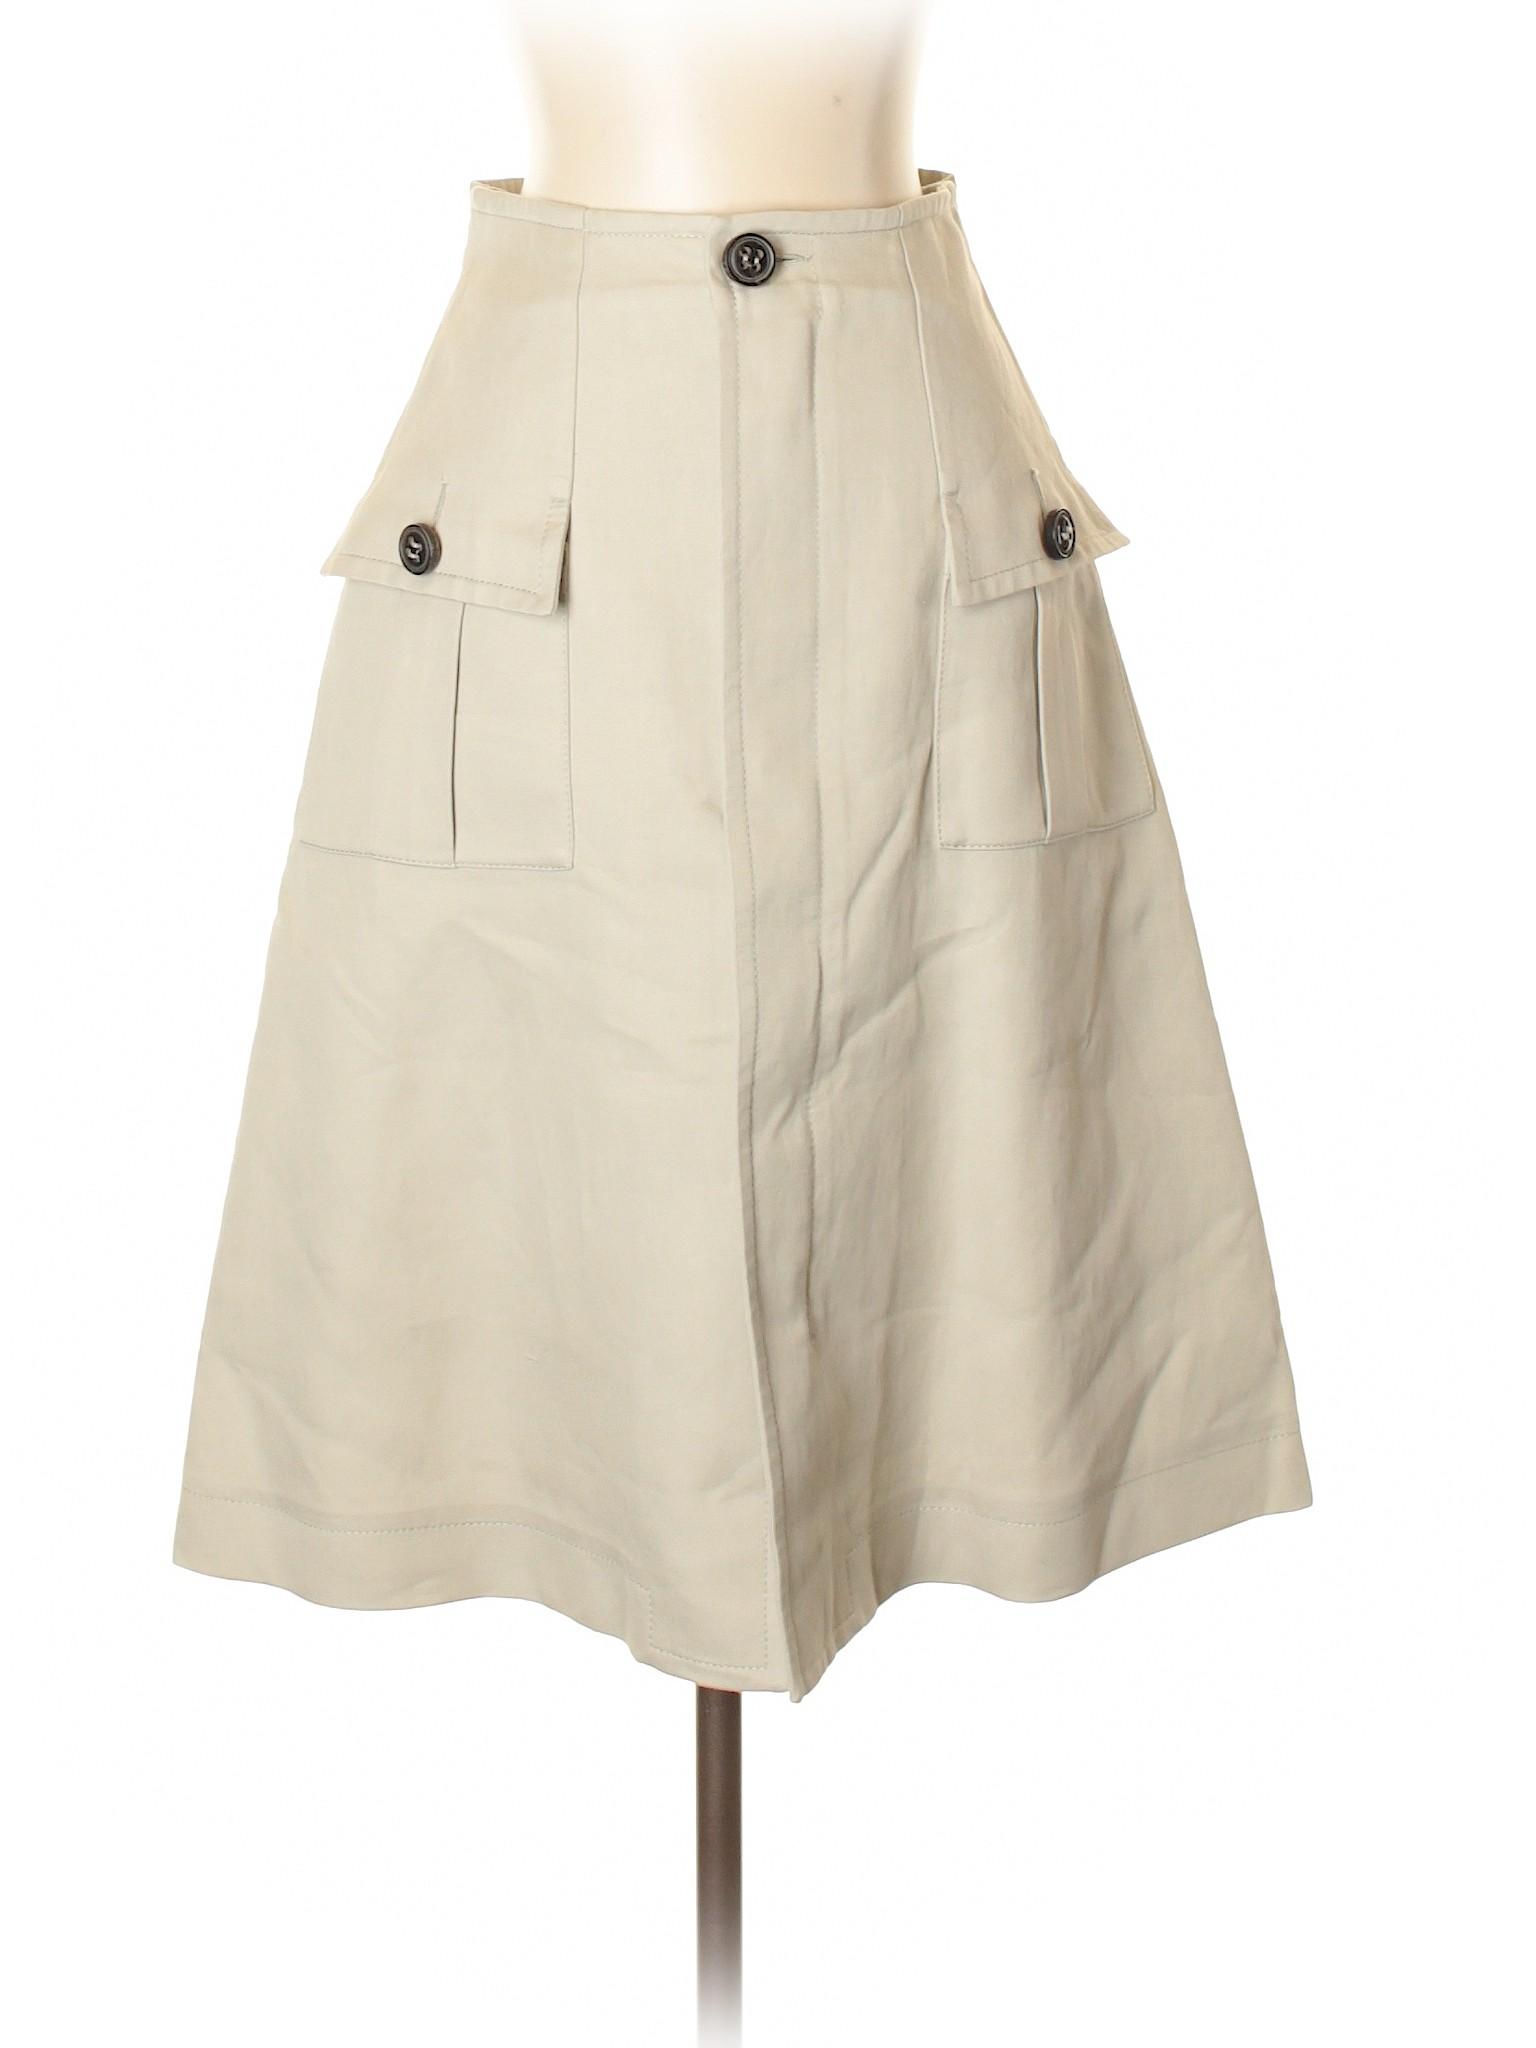 Casual Boutique Dsquared2 Dsquared2 Boutique Casual Skirt Casual Dsquared2 Boutique Skirt Boutique Skirt UAZw6vqWx